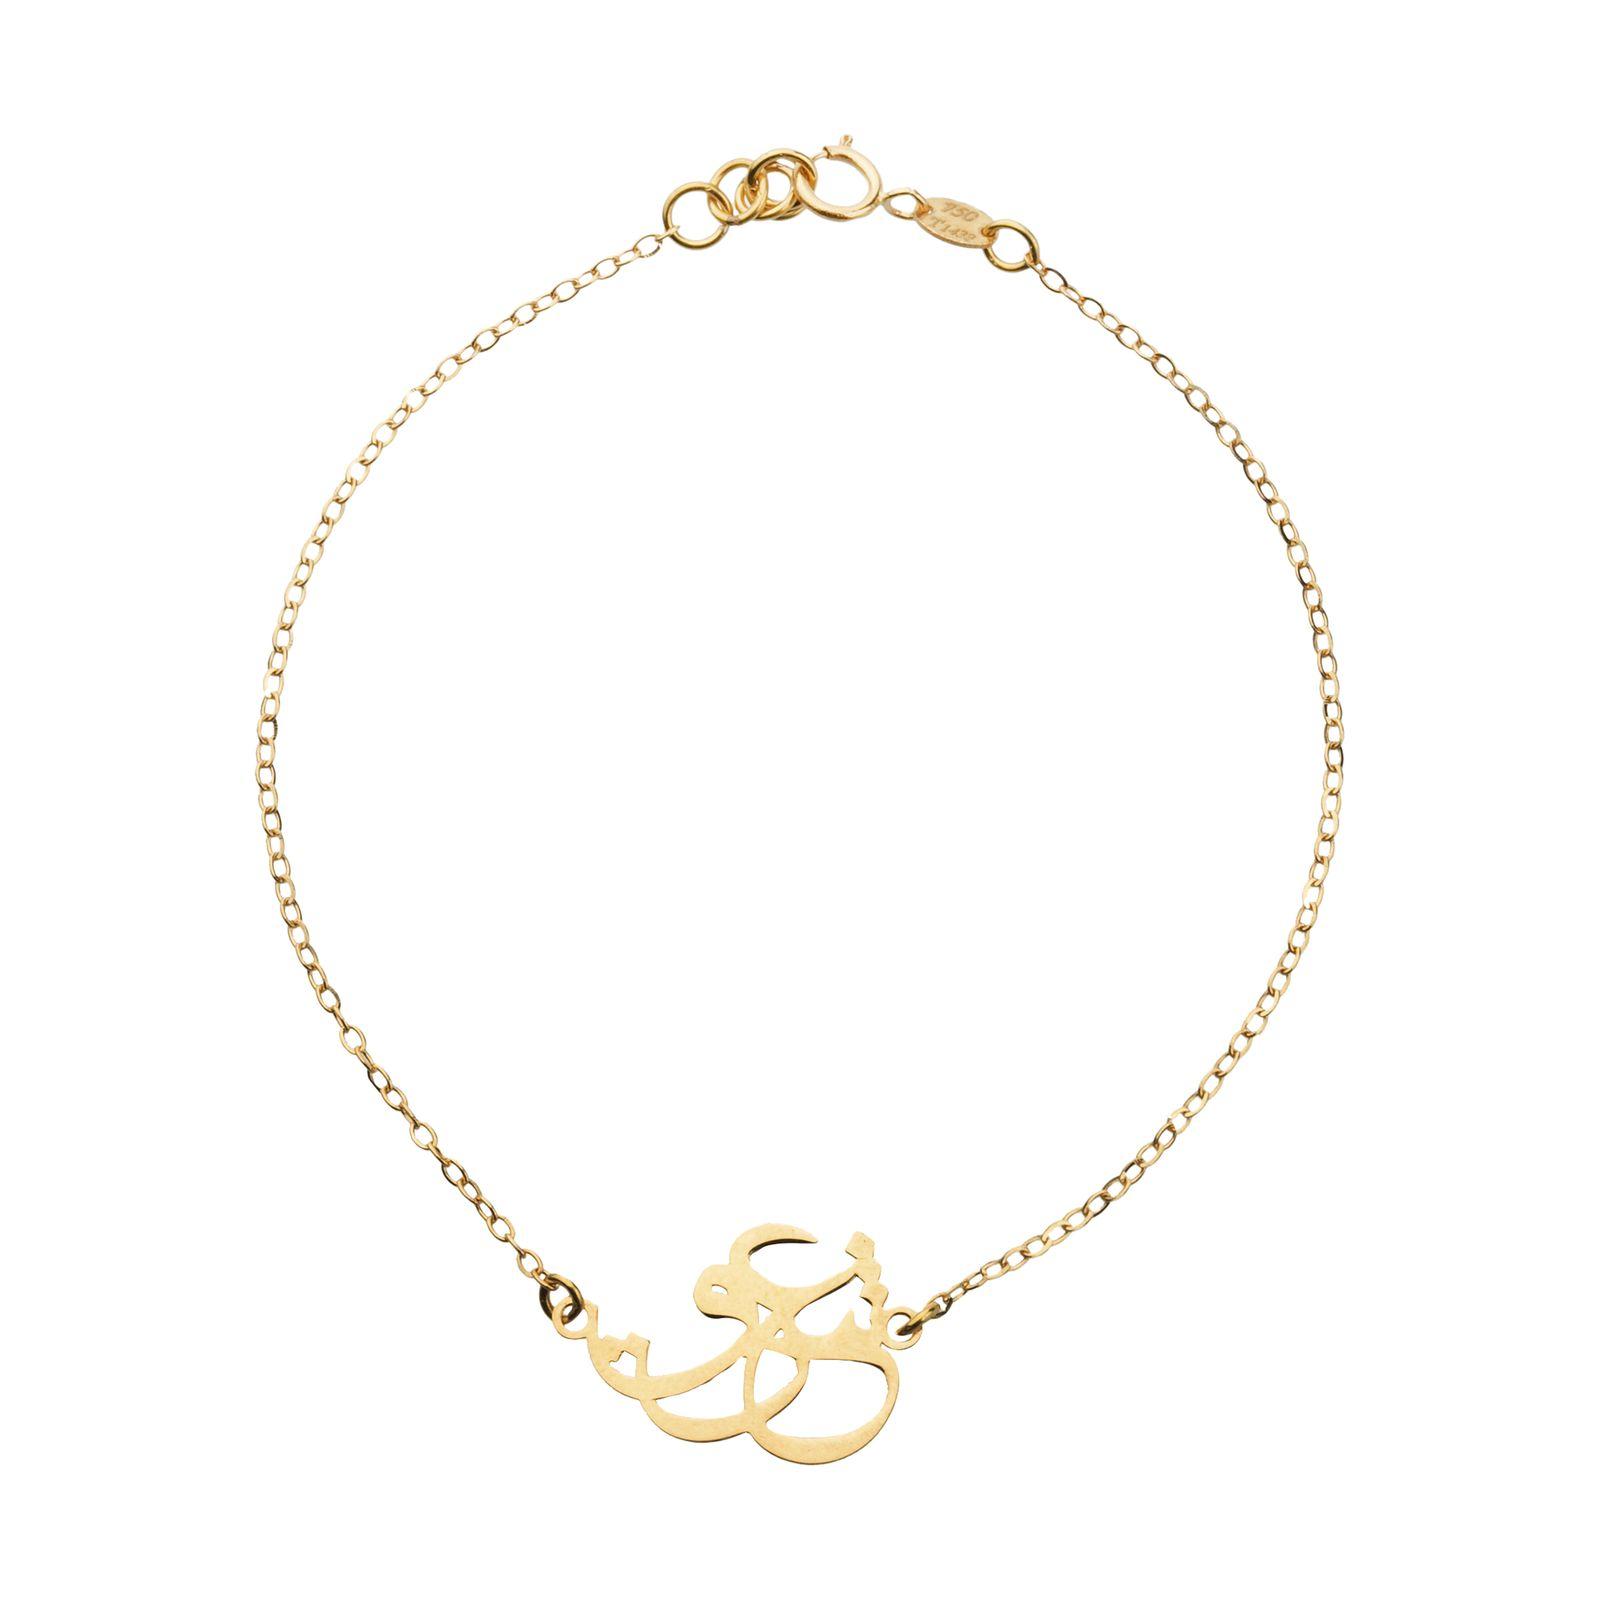 دستبند طلا 18 عیار زنانه میو گلد مدل GD606 -  - 2